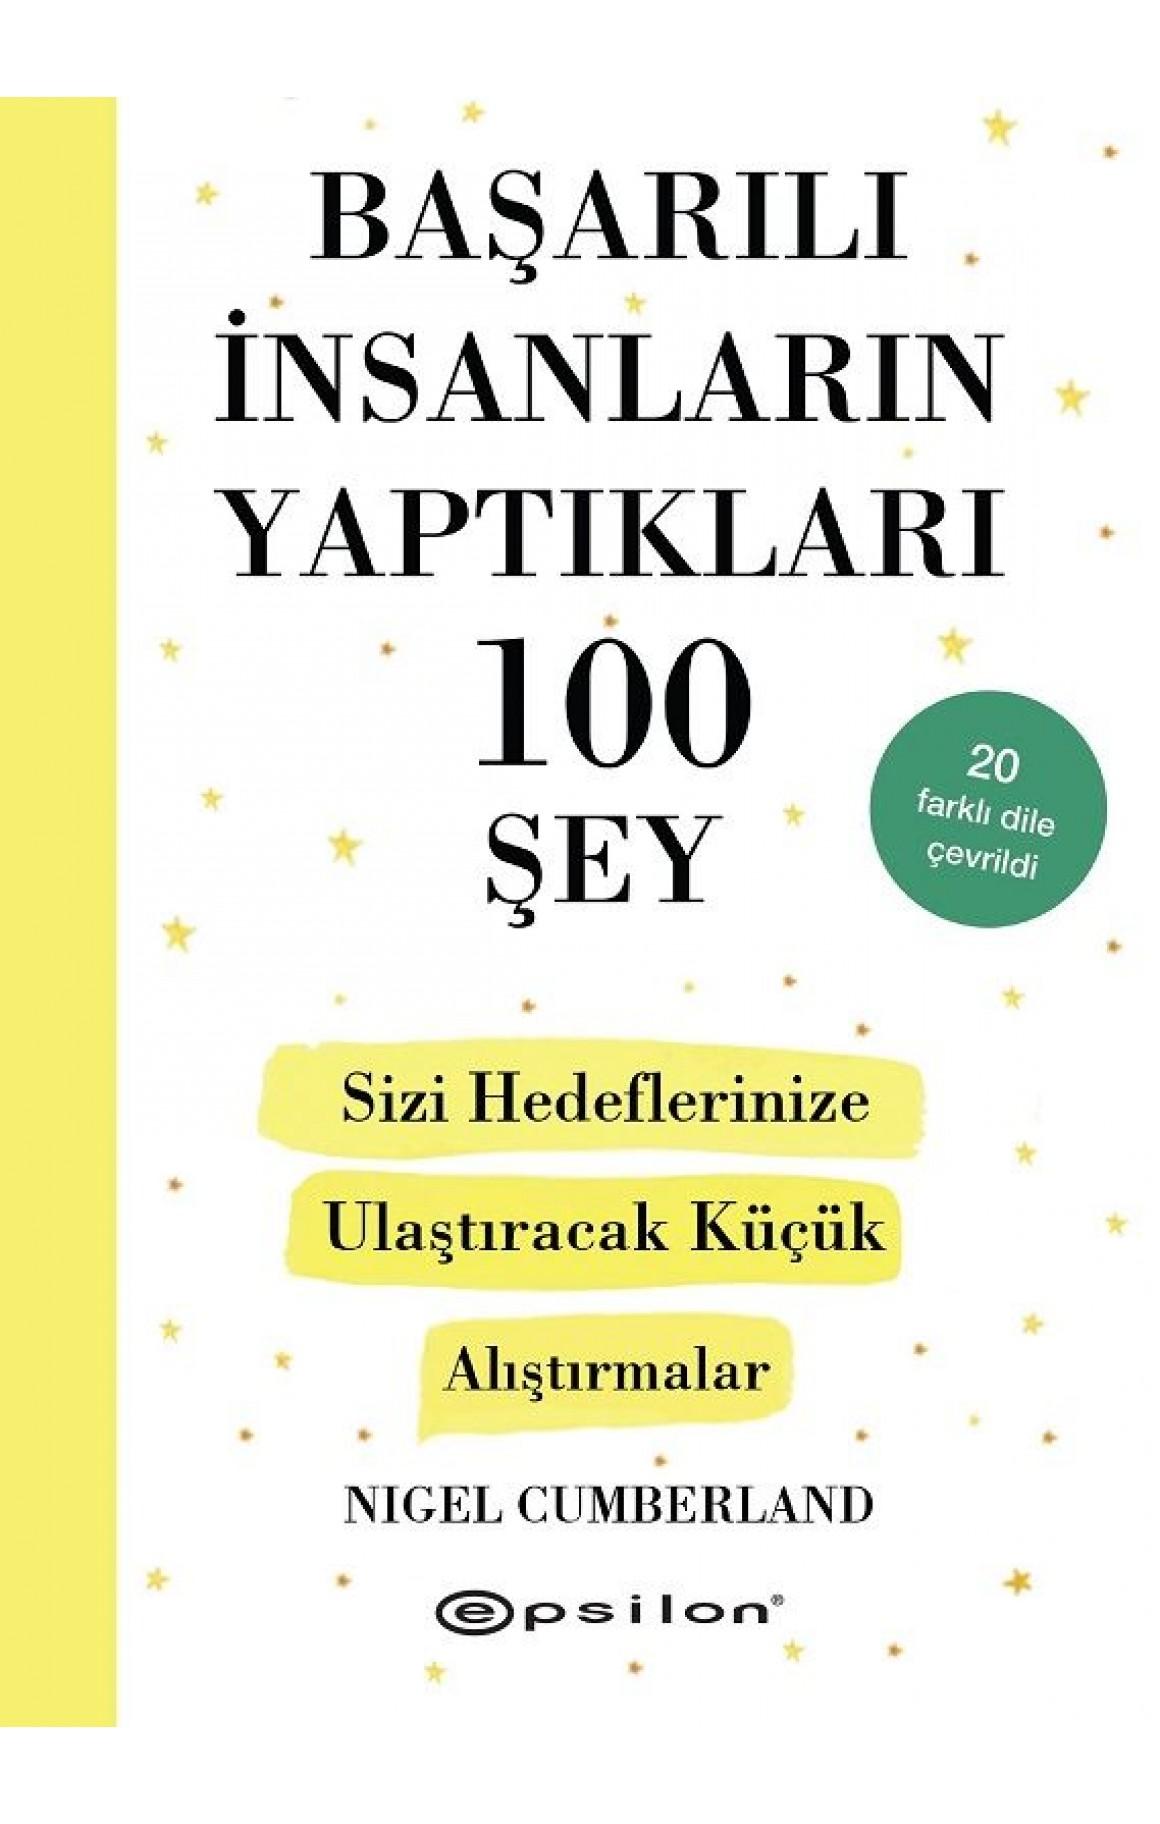 Başarılı İnsanların Yaptıkları 100 Şey